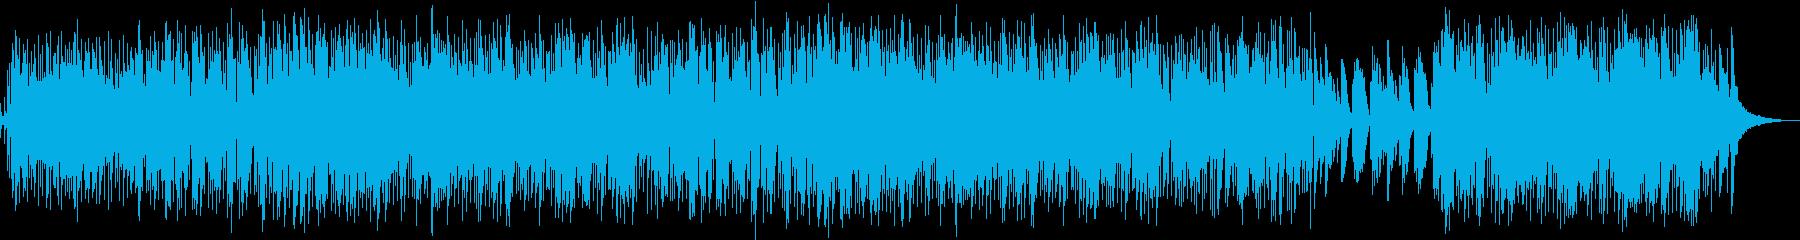 デート中のBGMの再生済みの波形